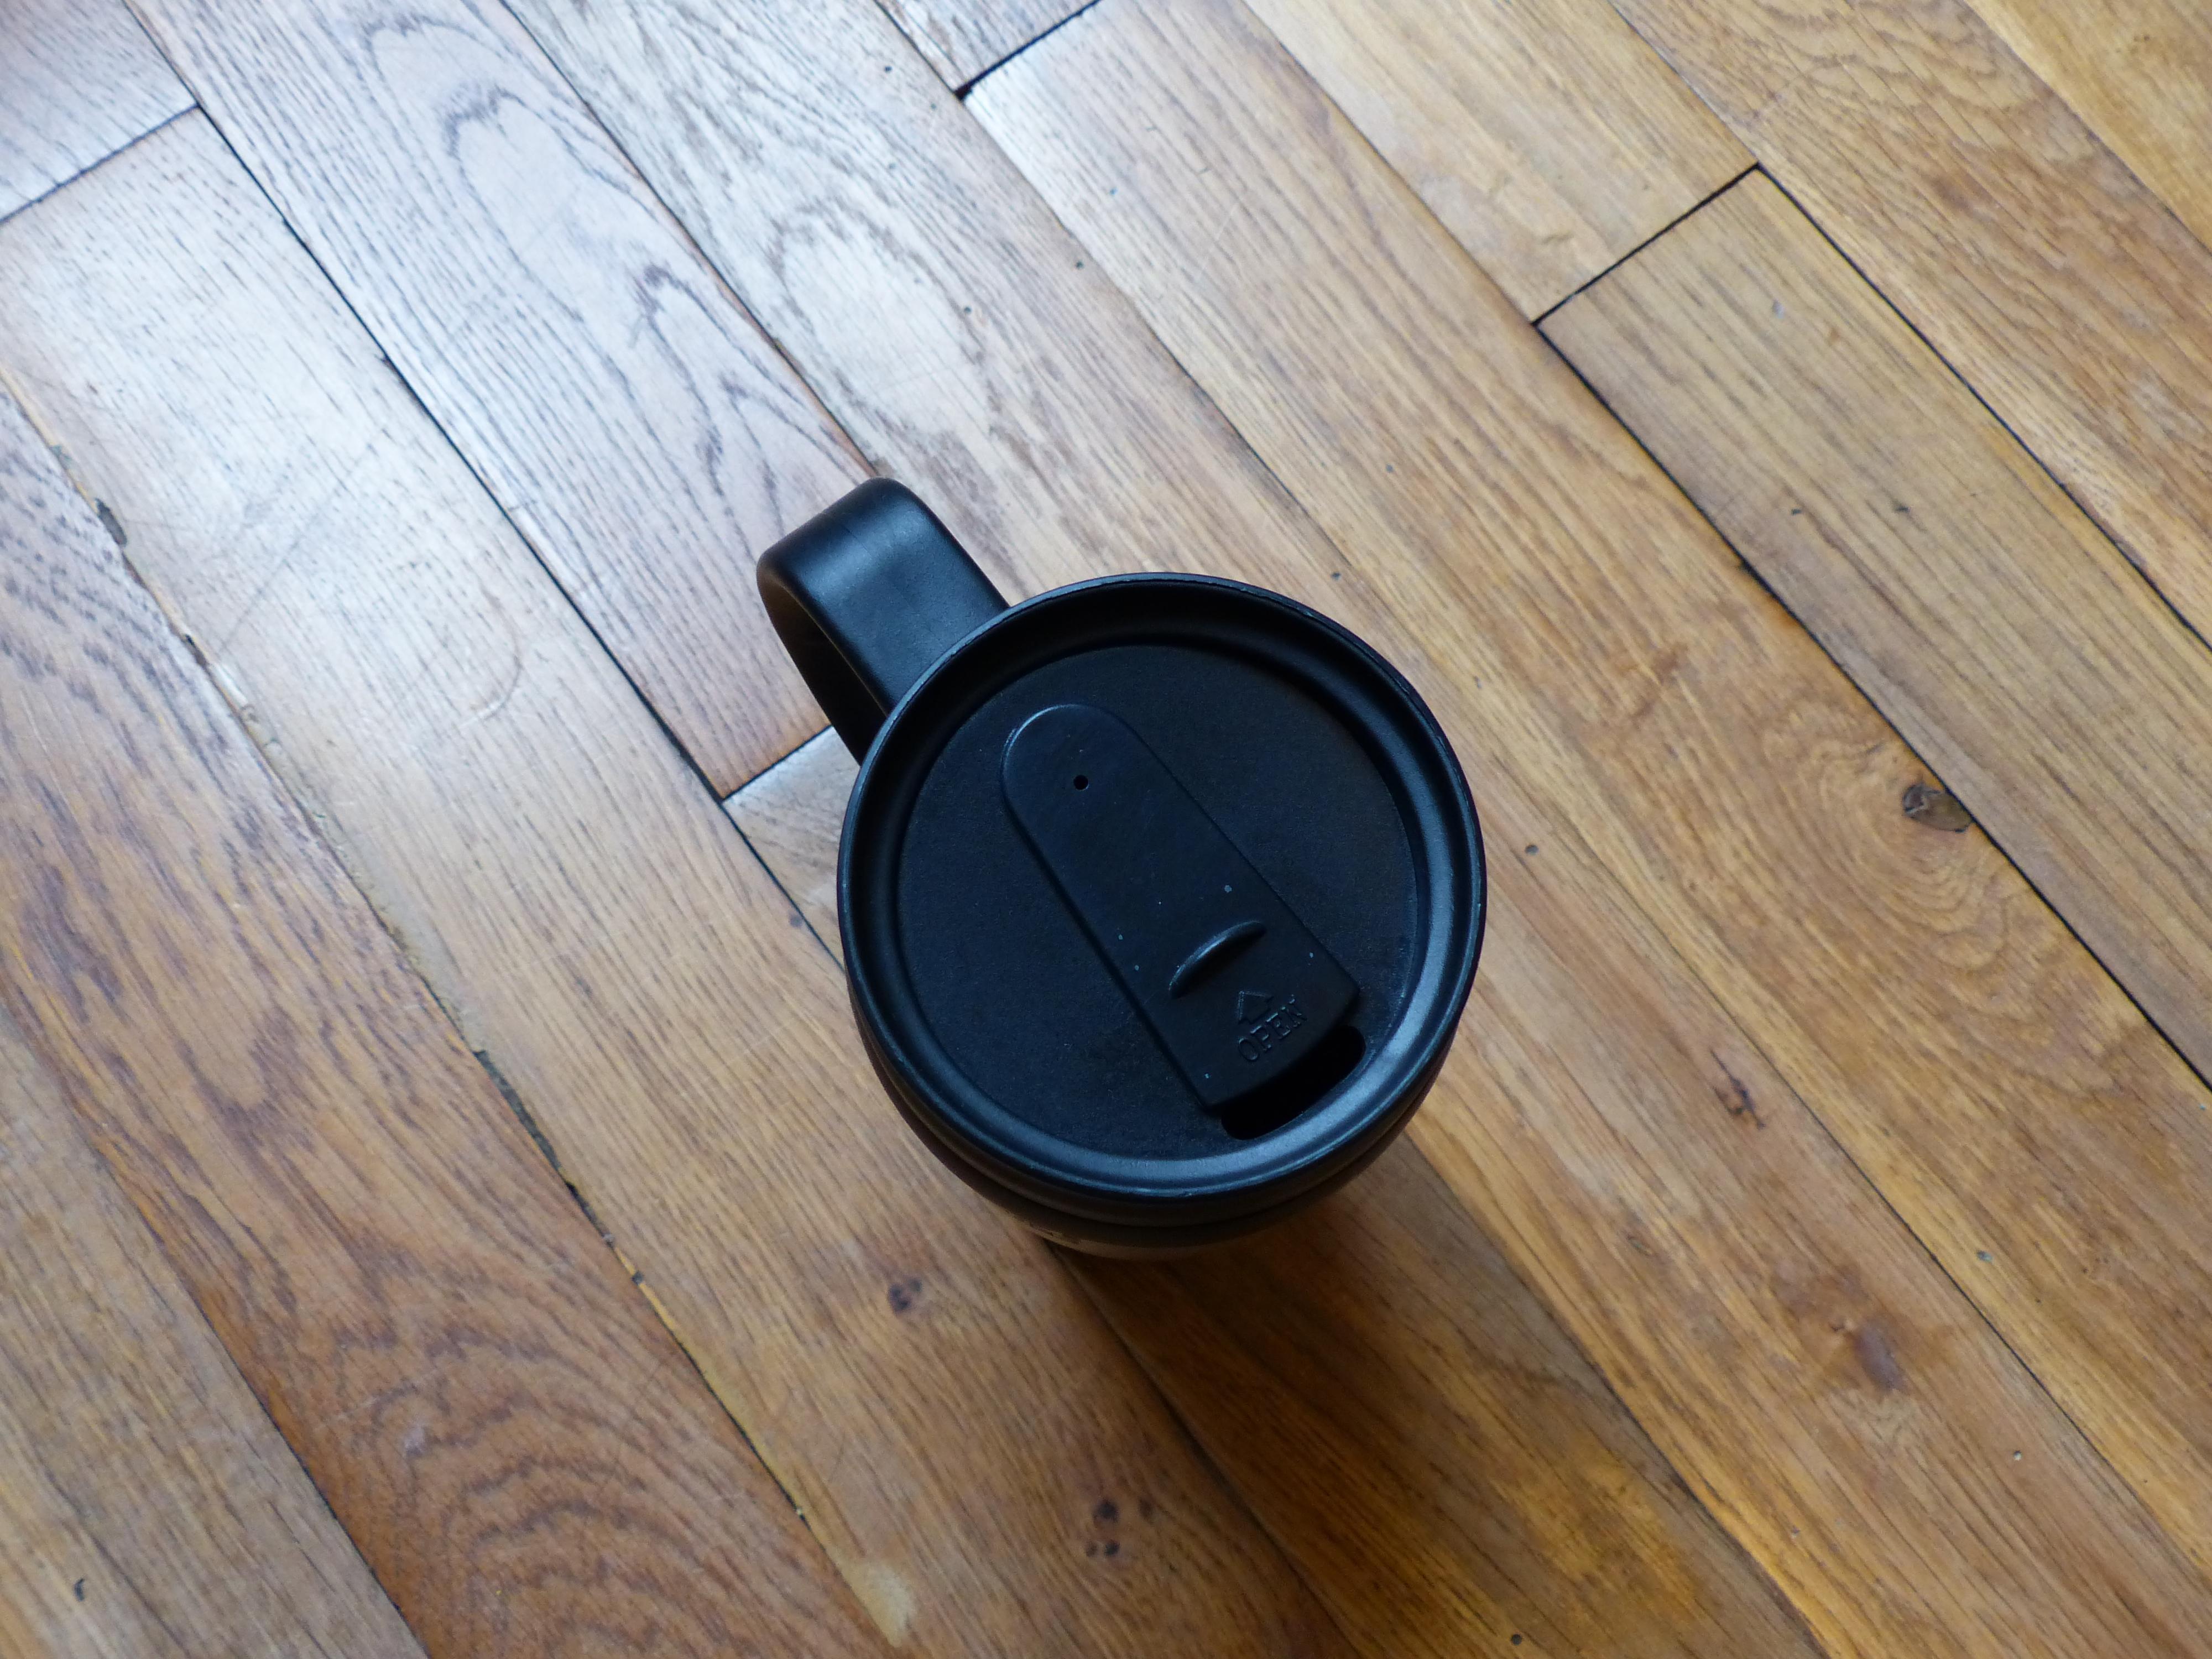 troc de troc contenant thé ou café image 2